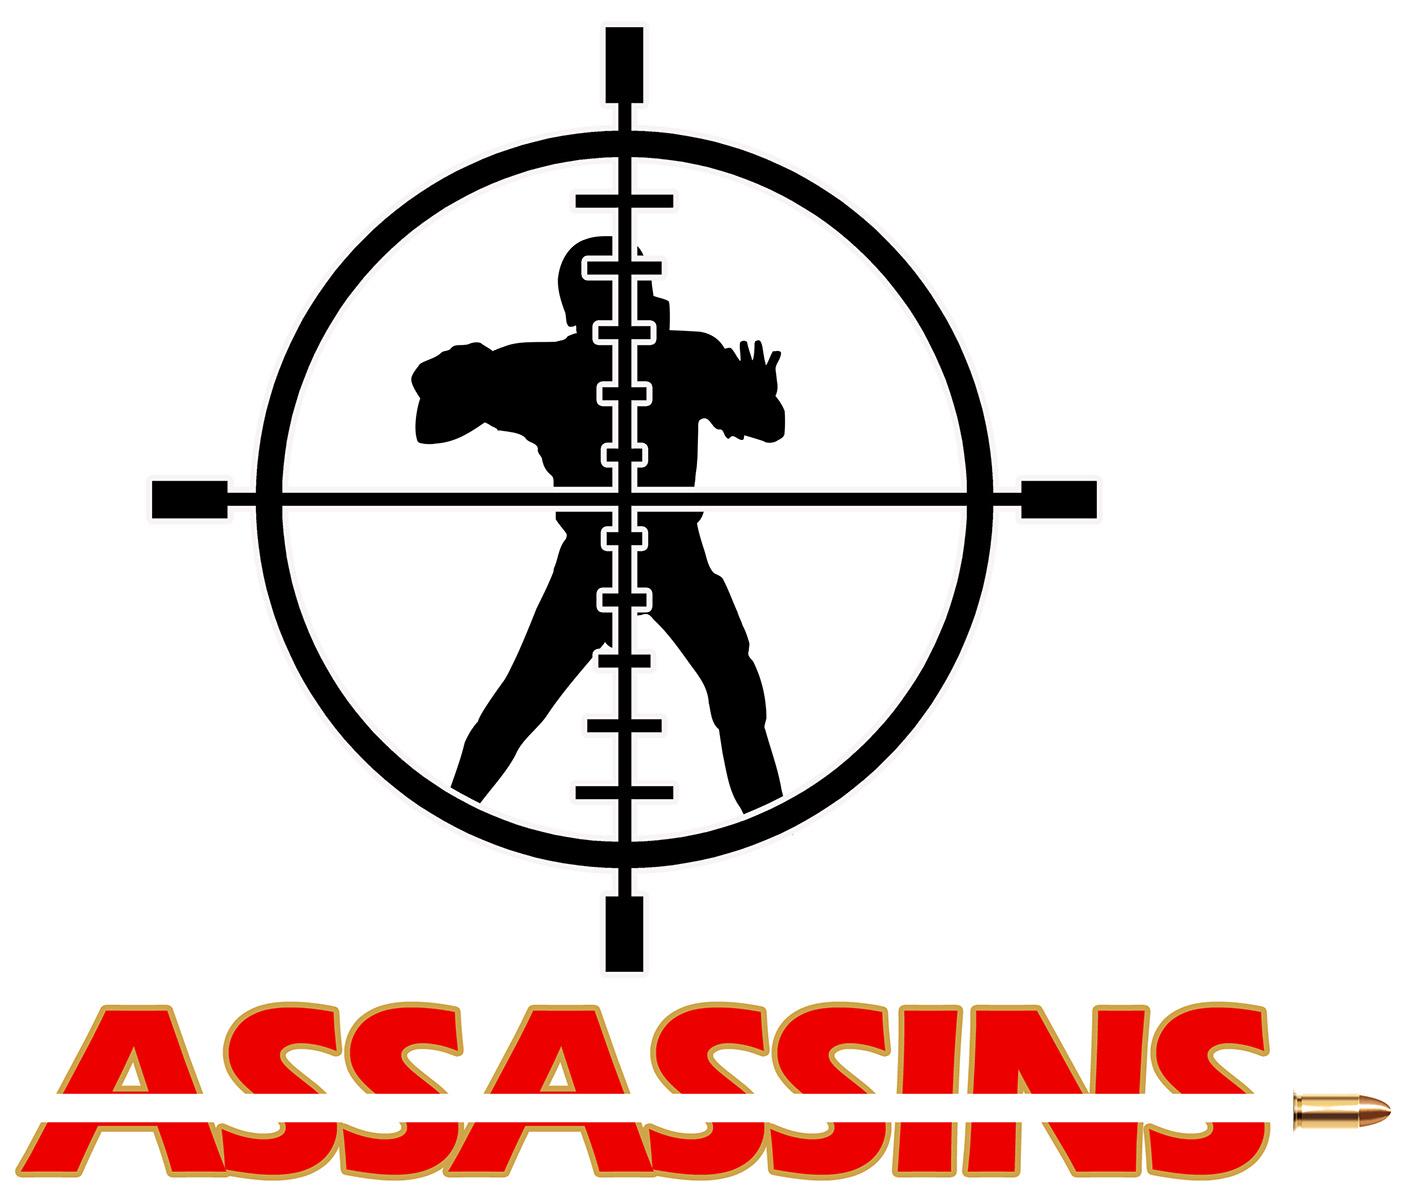 silent assassins espn